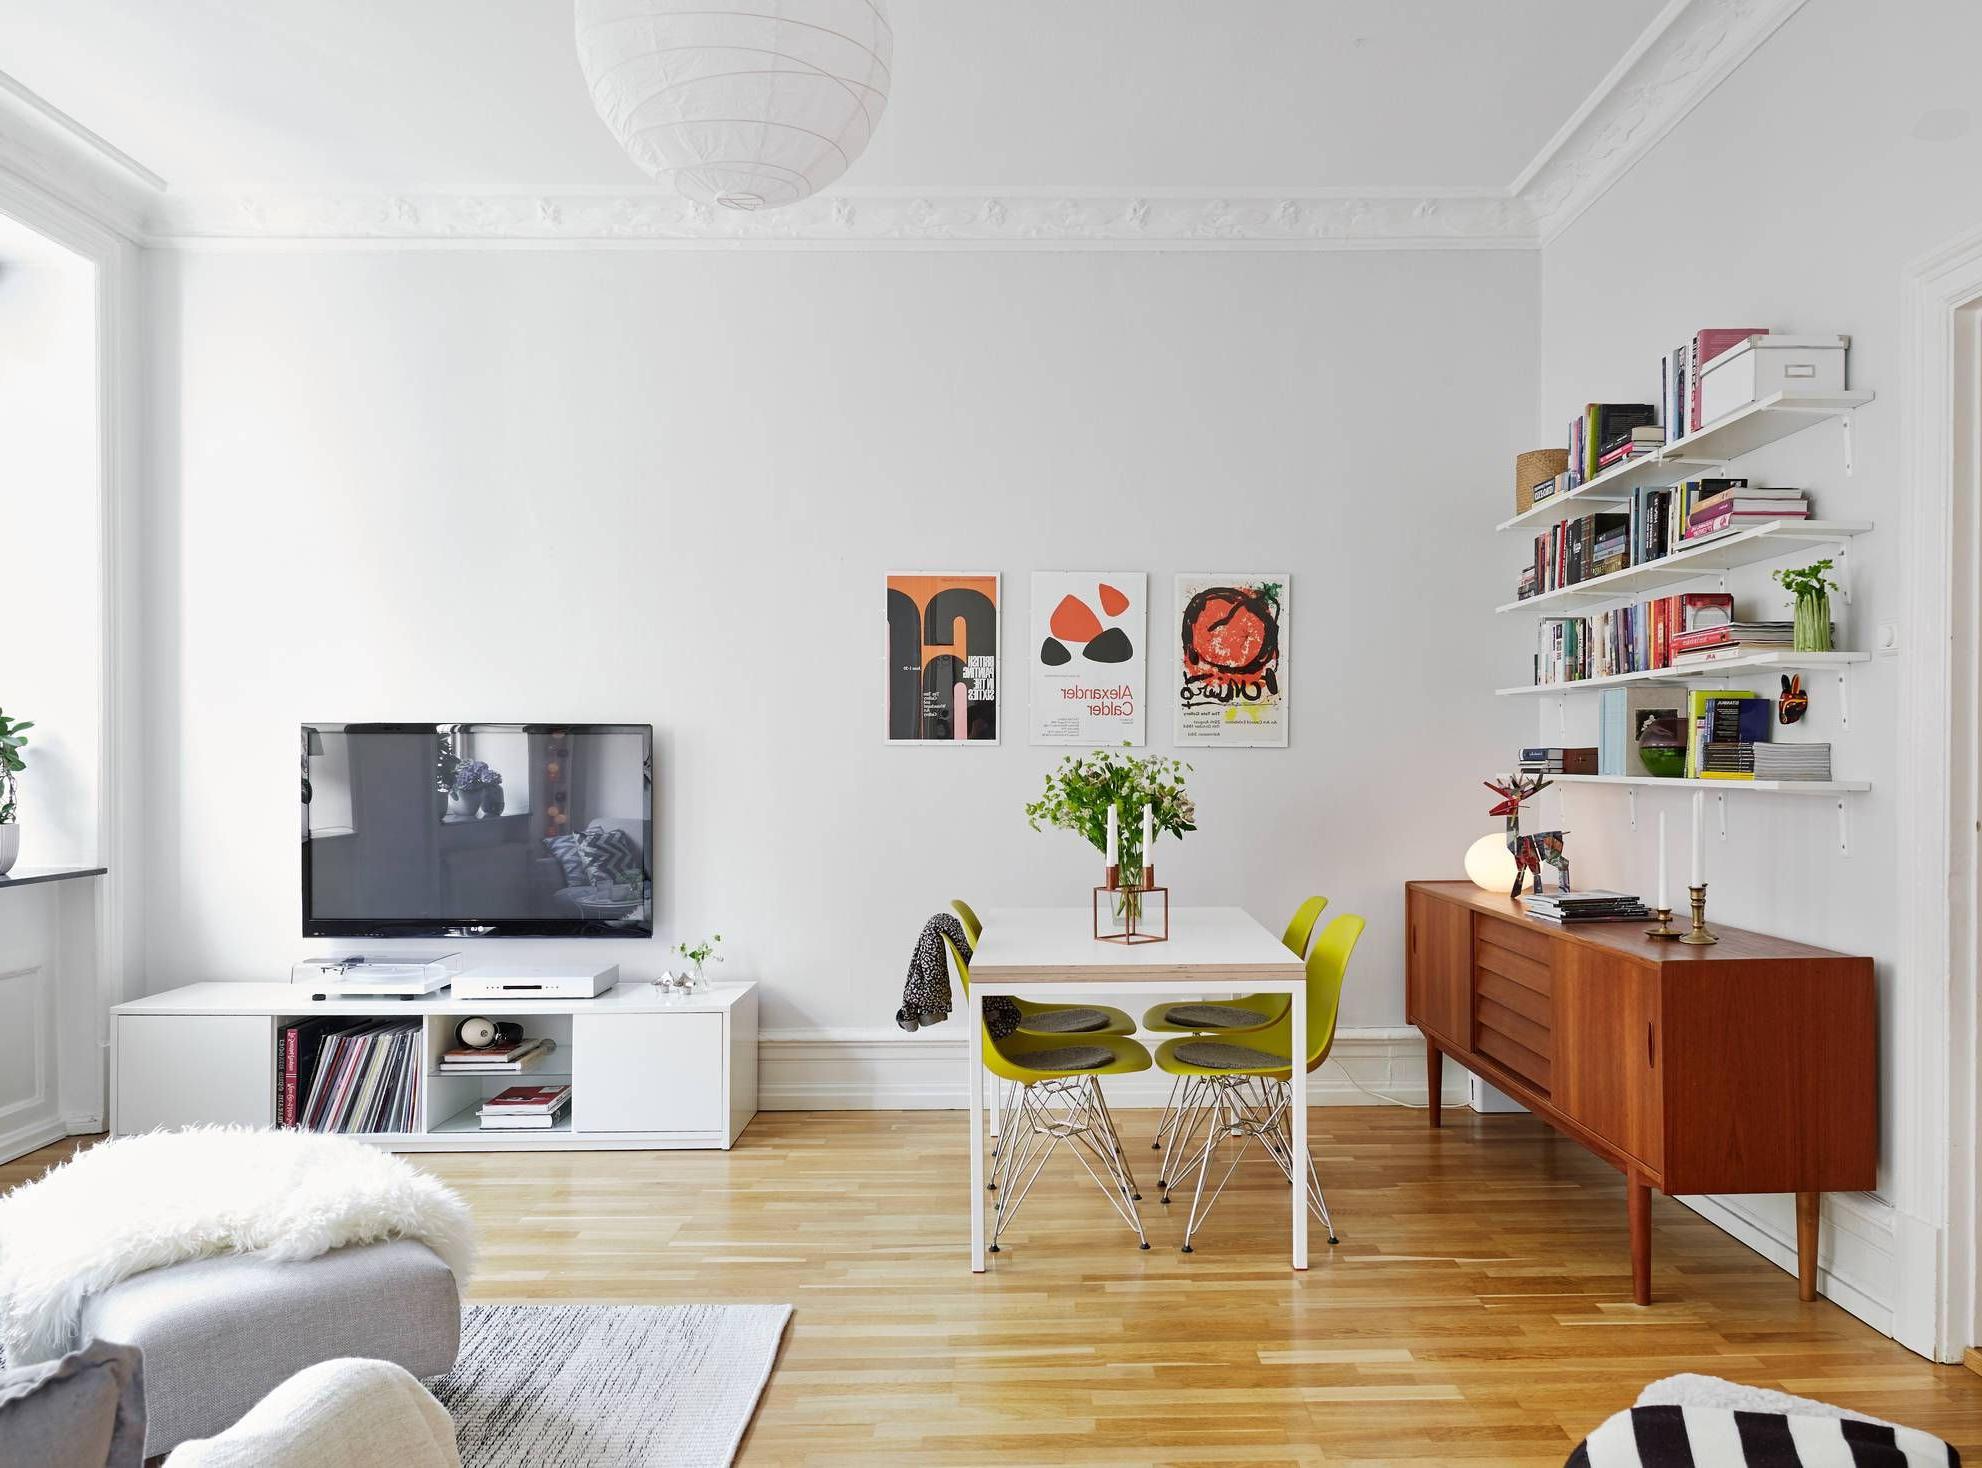 Muebles nordicos Modernos Gdd0 Muebles nordicos Modernos Hasta Magnà Fico Delikatissen Blog Tienda